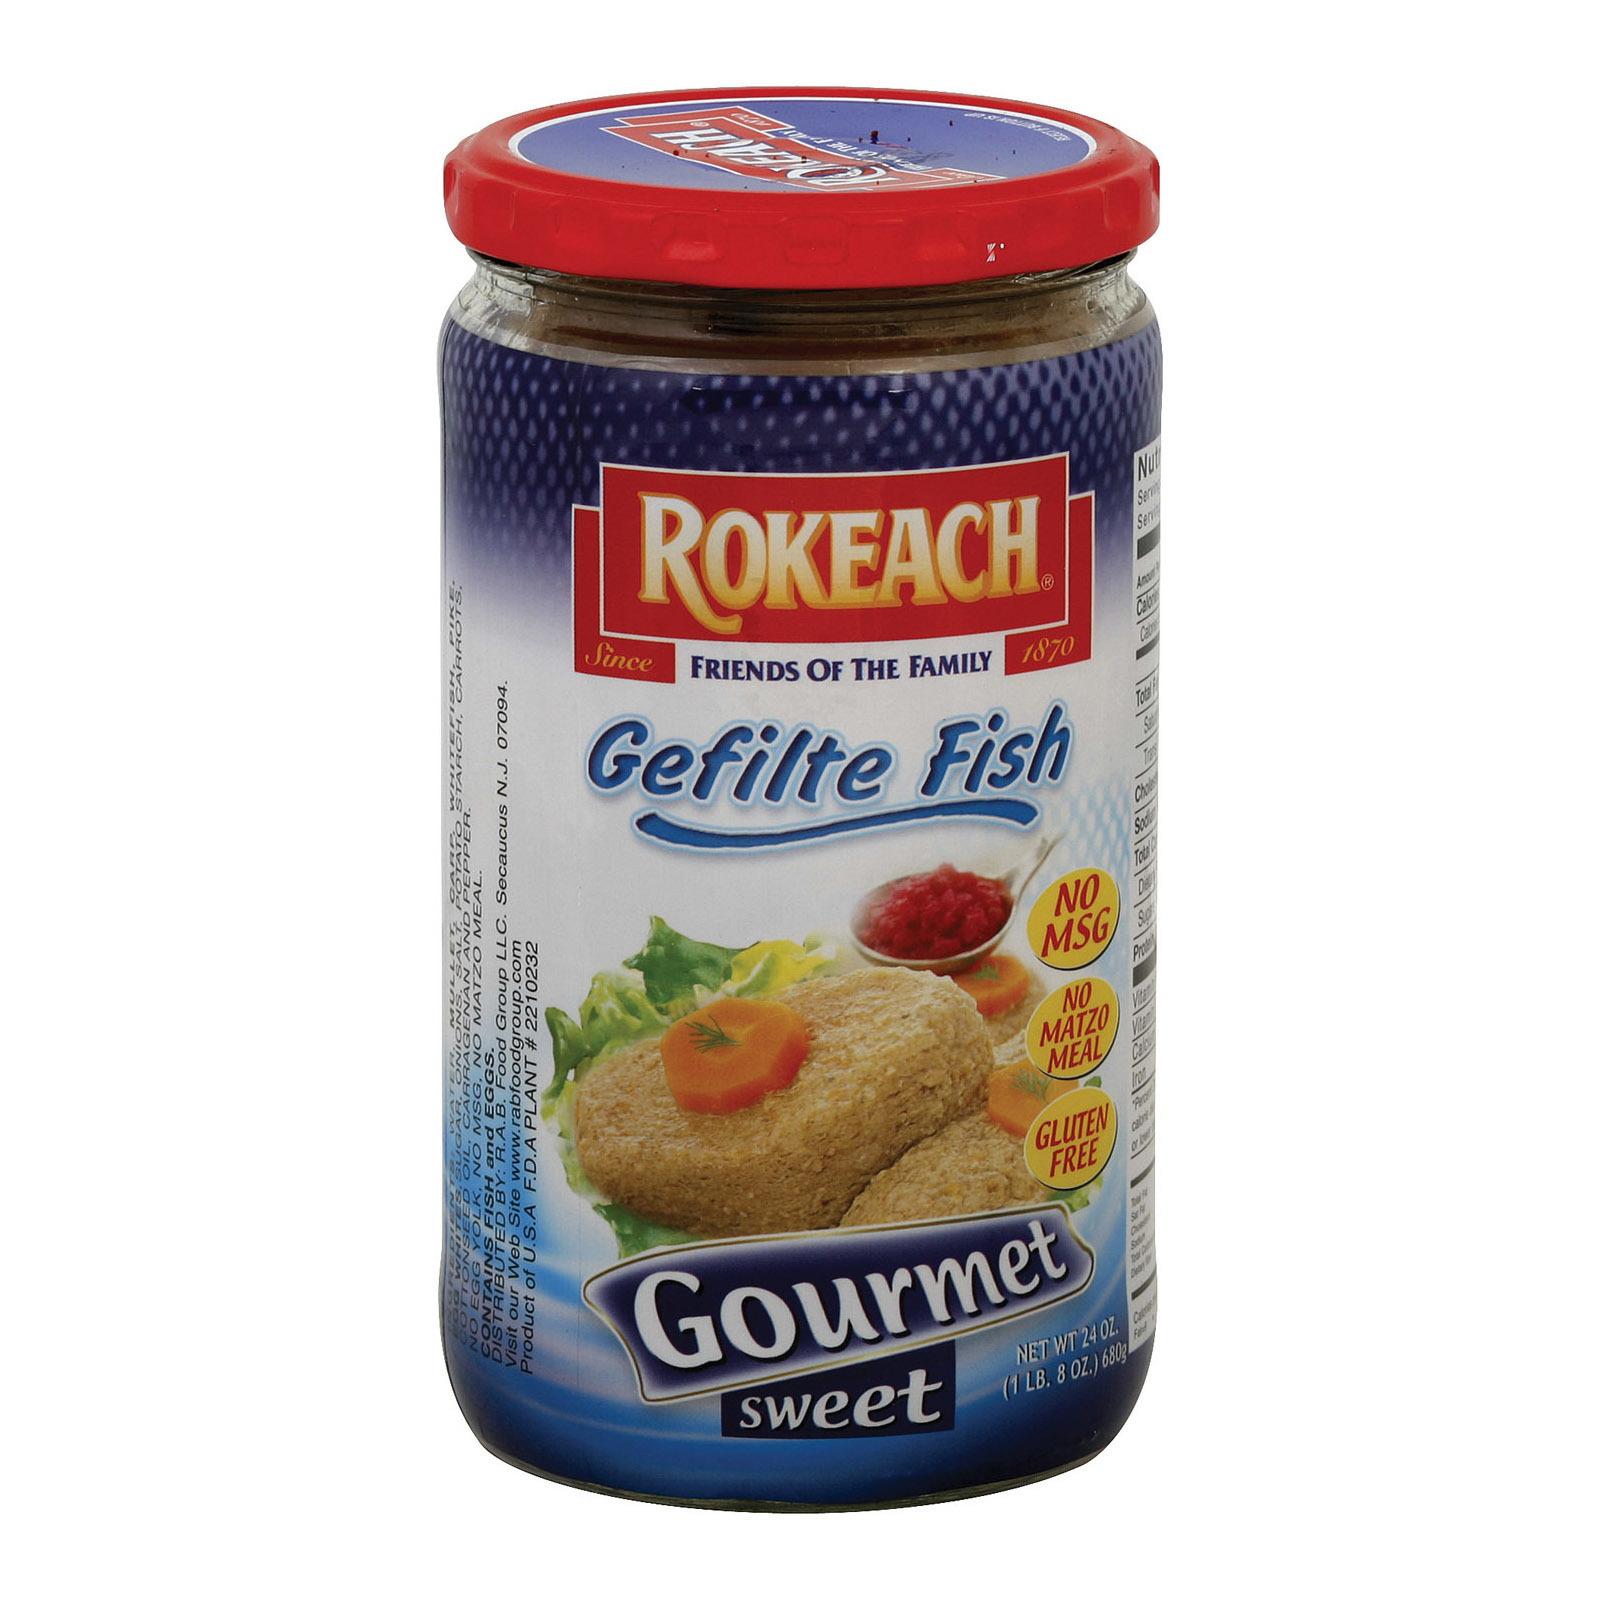 Rokeach Gourmet Sweet Gefilte Fish - Case of 12 - 24 oz.